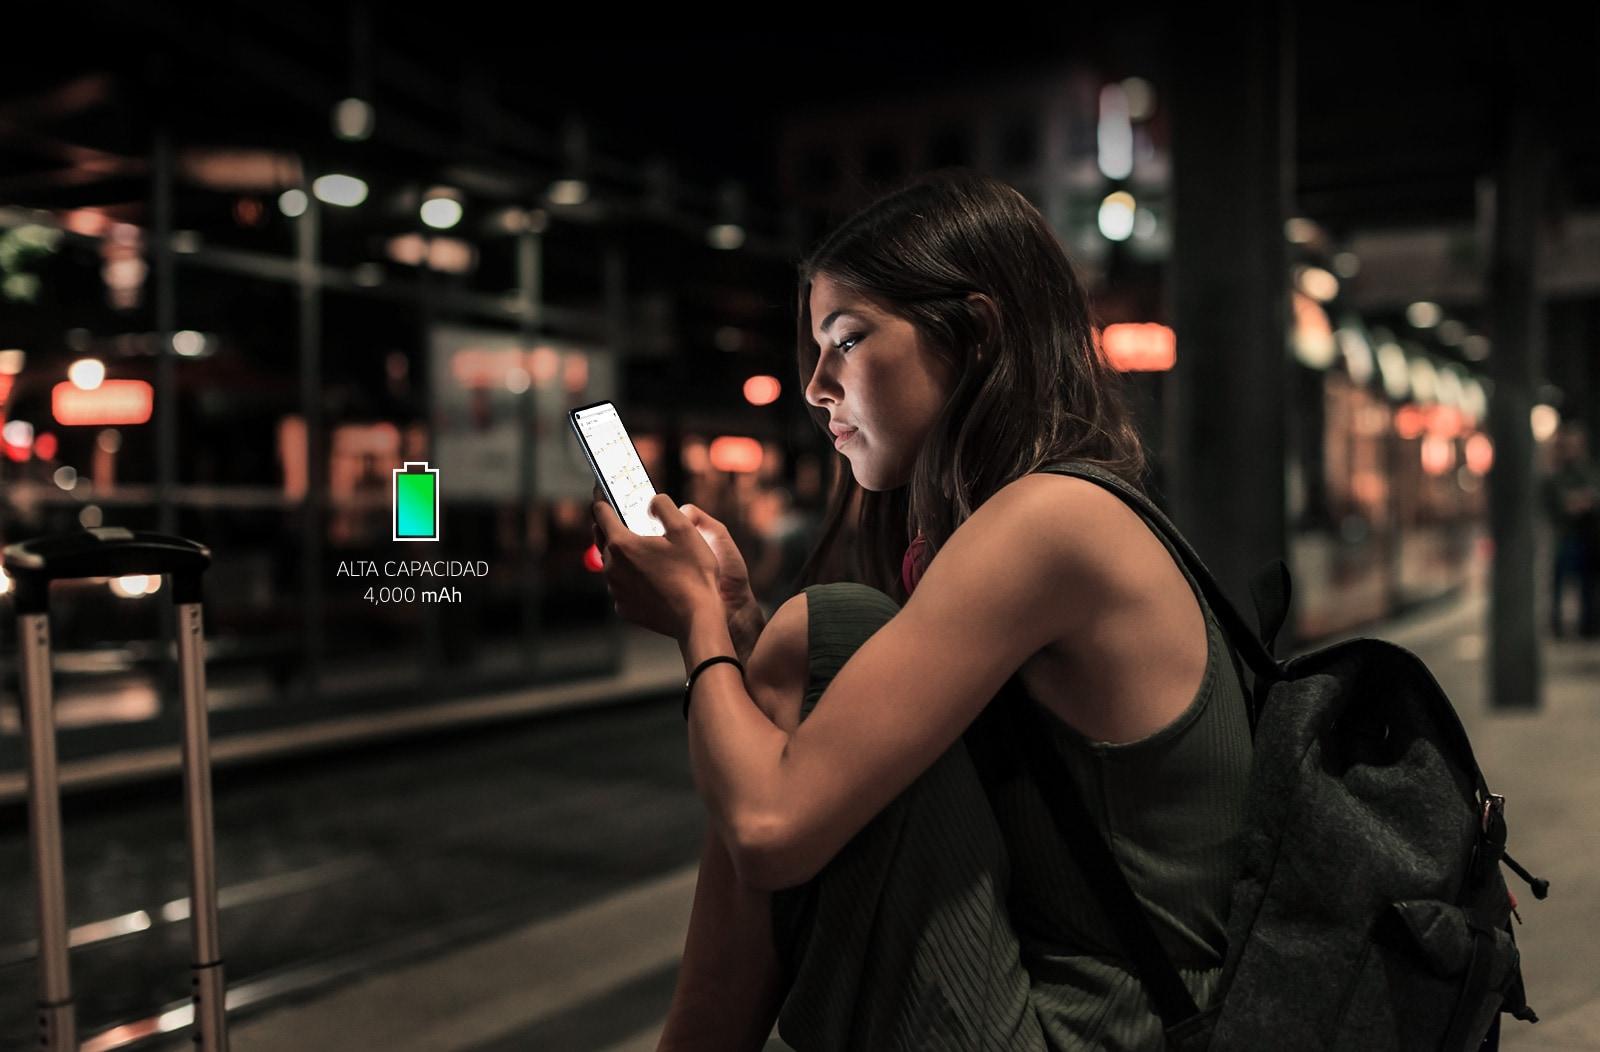 Mujer que navega por internet en su teléfono inteligente tarde en la noche en la estación de metro con suficiente batería